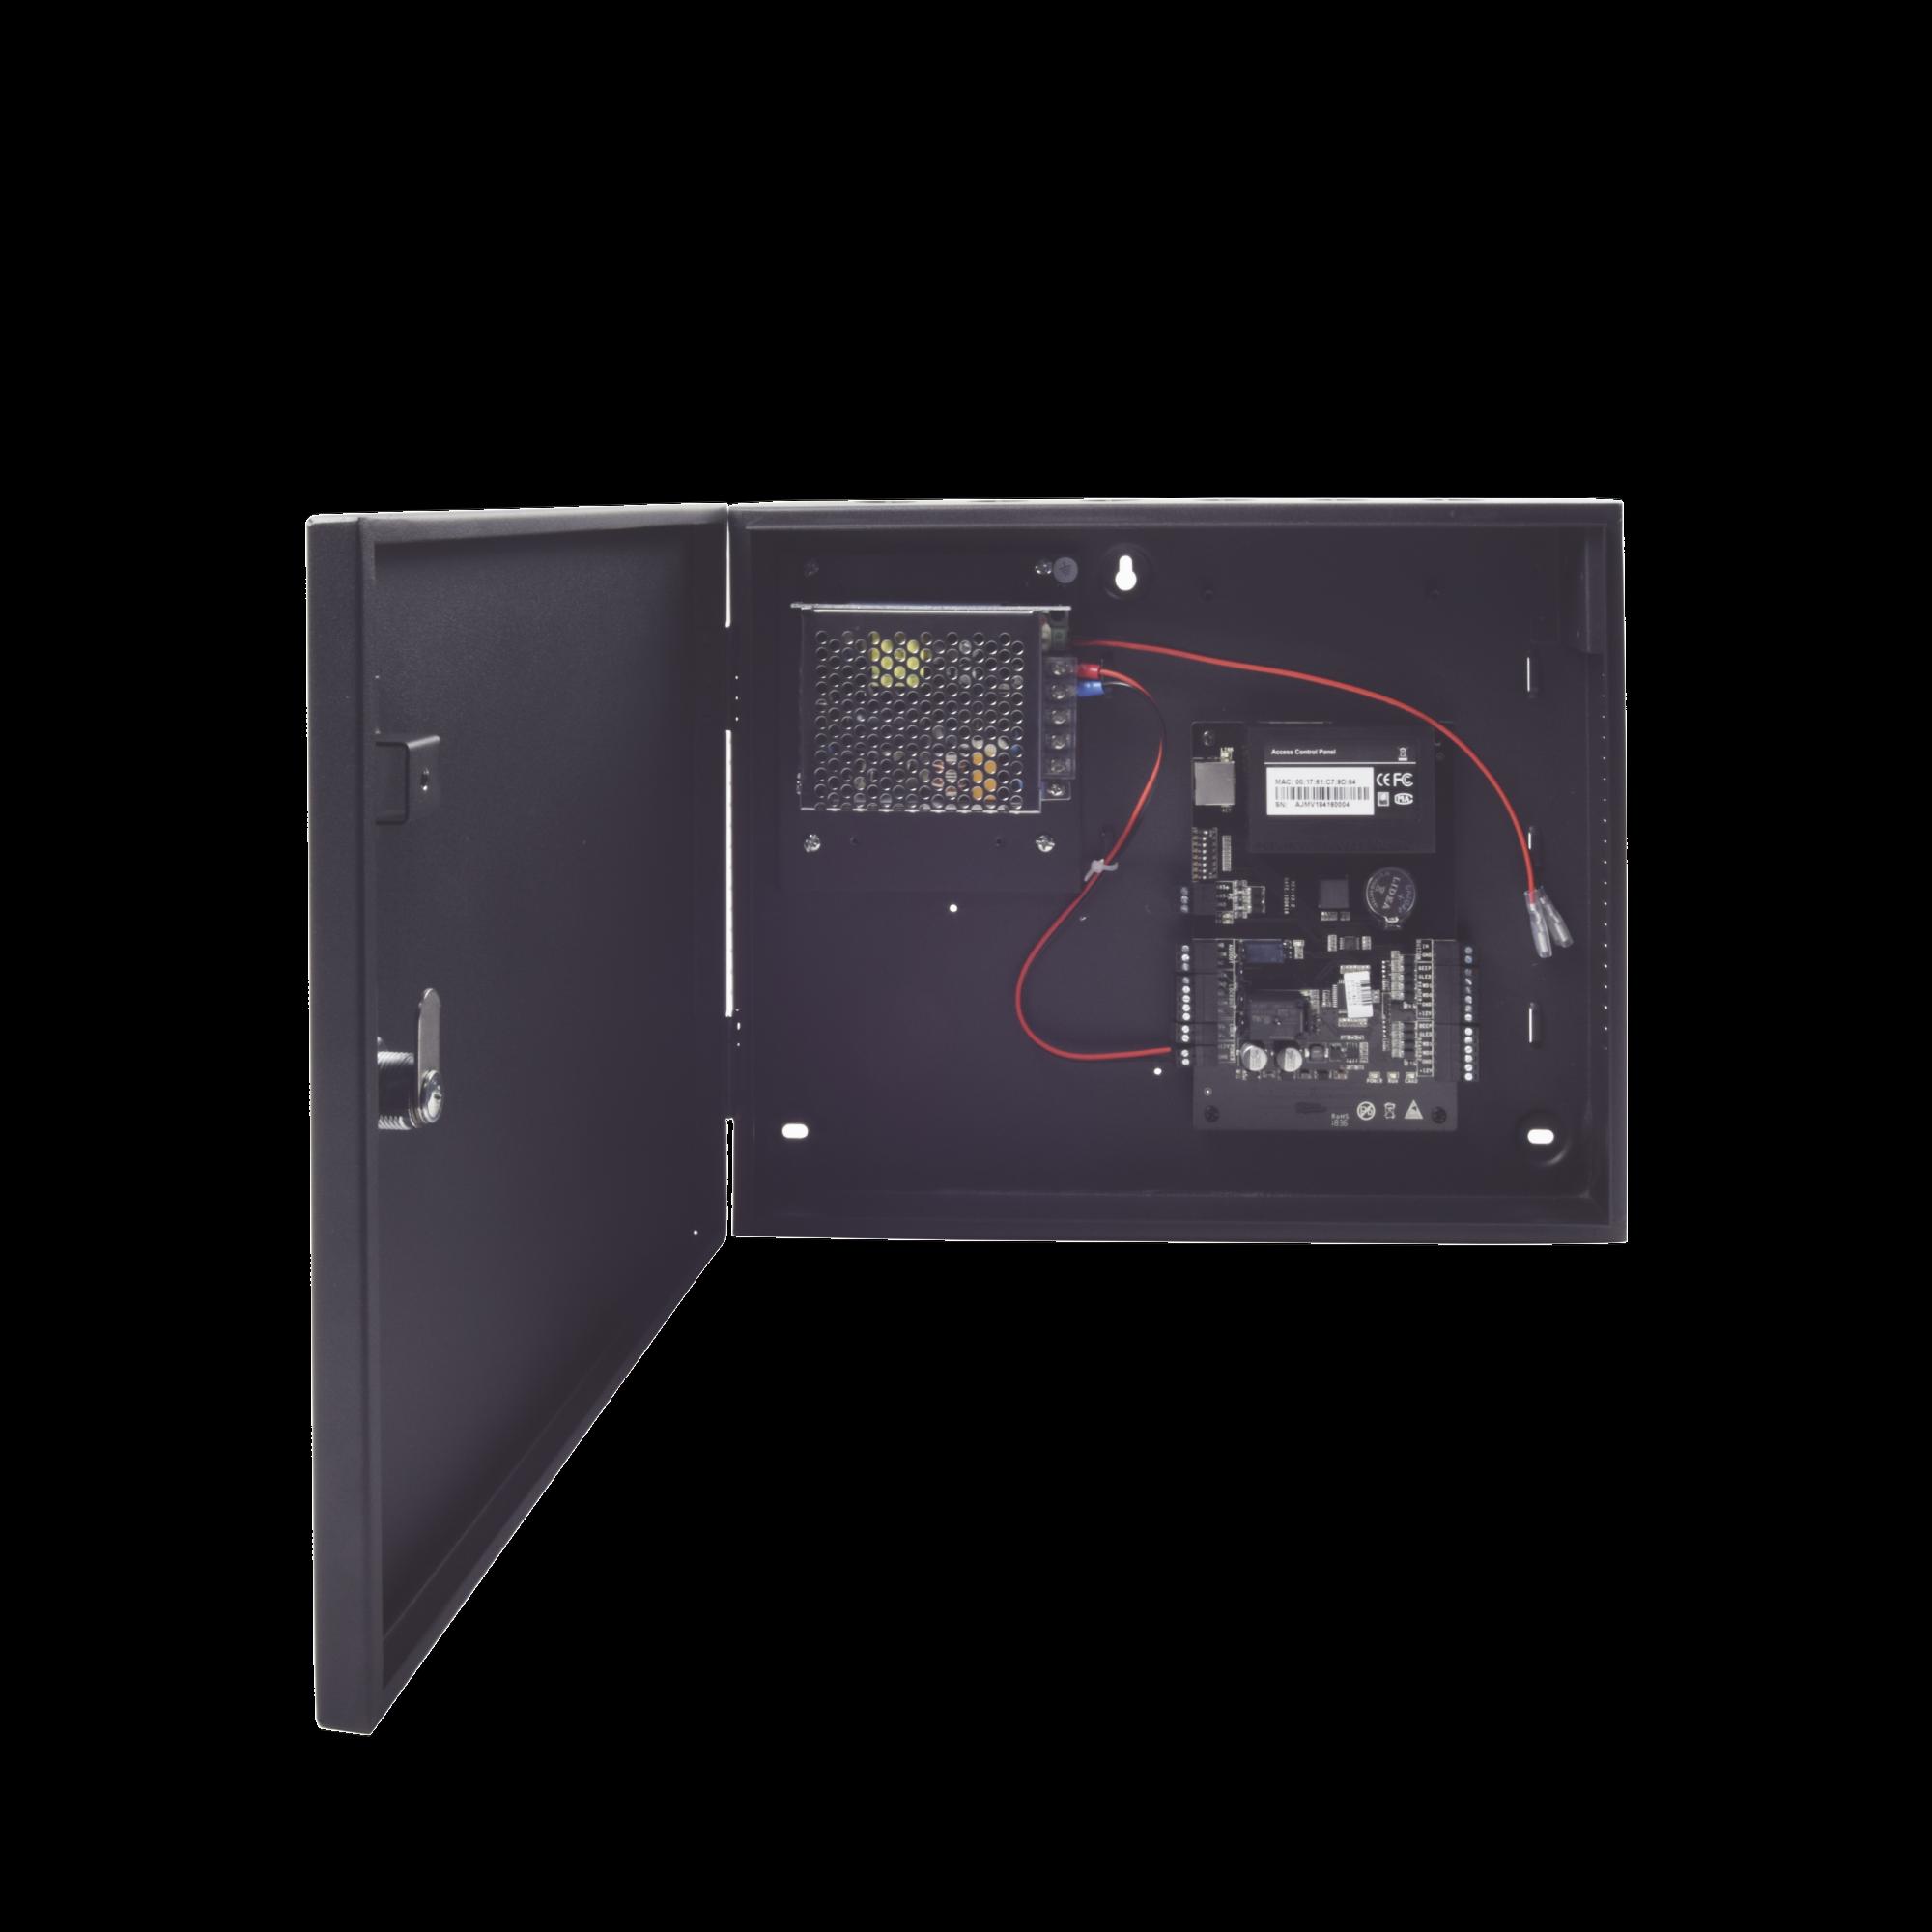 C3100 Panel de Control de Acceso para 1 Puerta / Facil Administracion / 30,000 Tarjetas / Incluye Gabinete y Fuente de Alimentacion 12VCD/3A / Software GRATIS